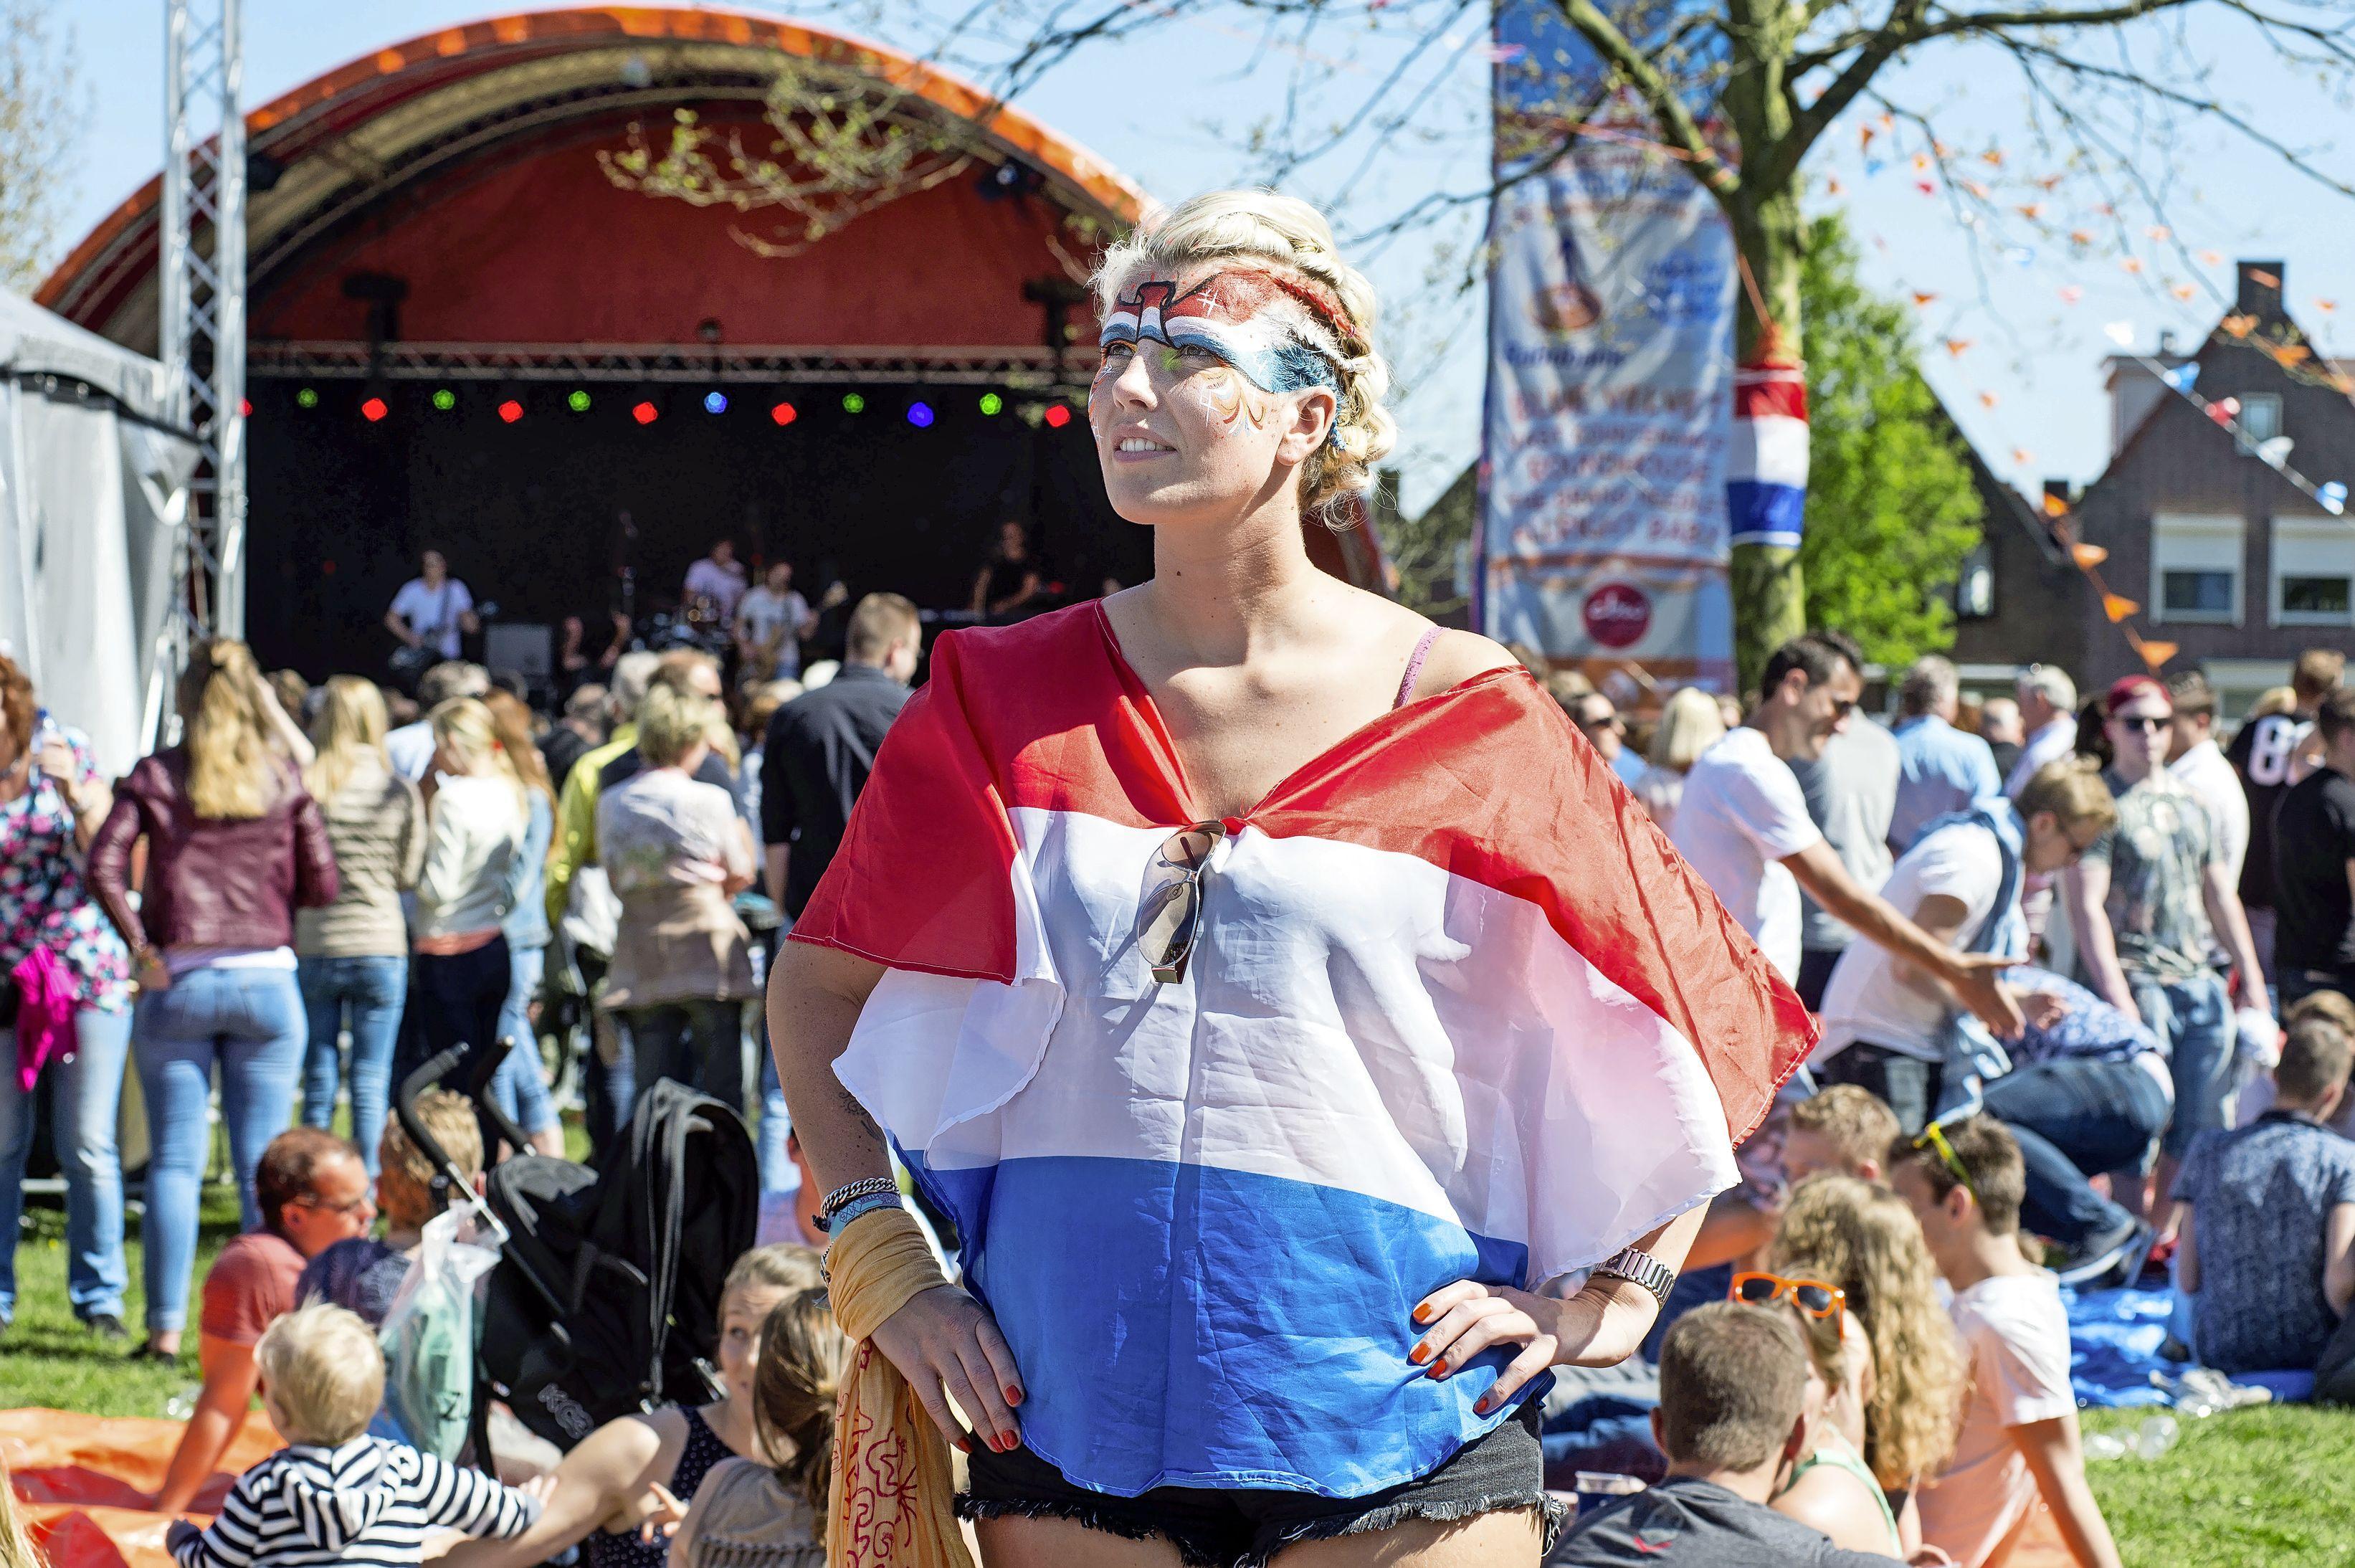 3e Klaphekfestival in Volendam gaat wederom niet door